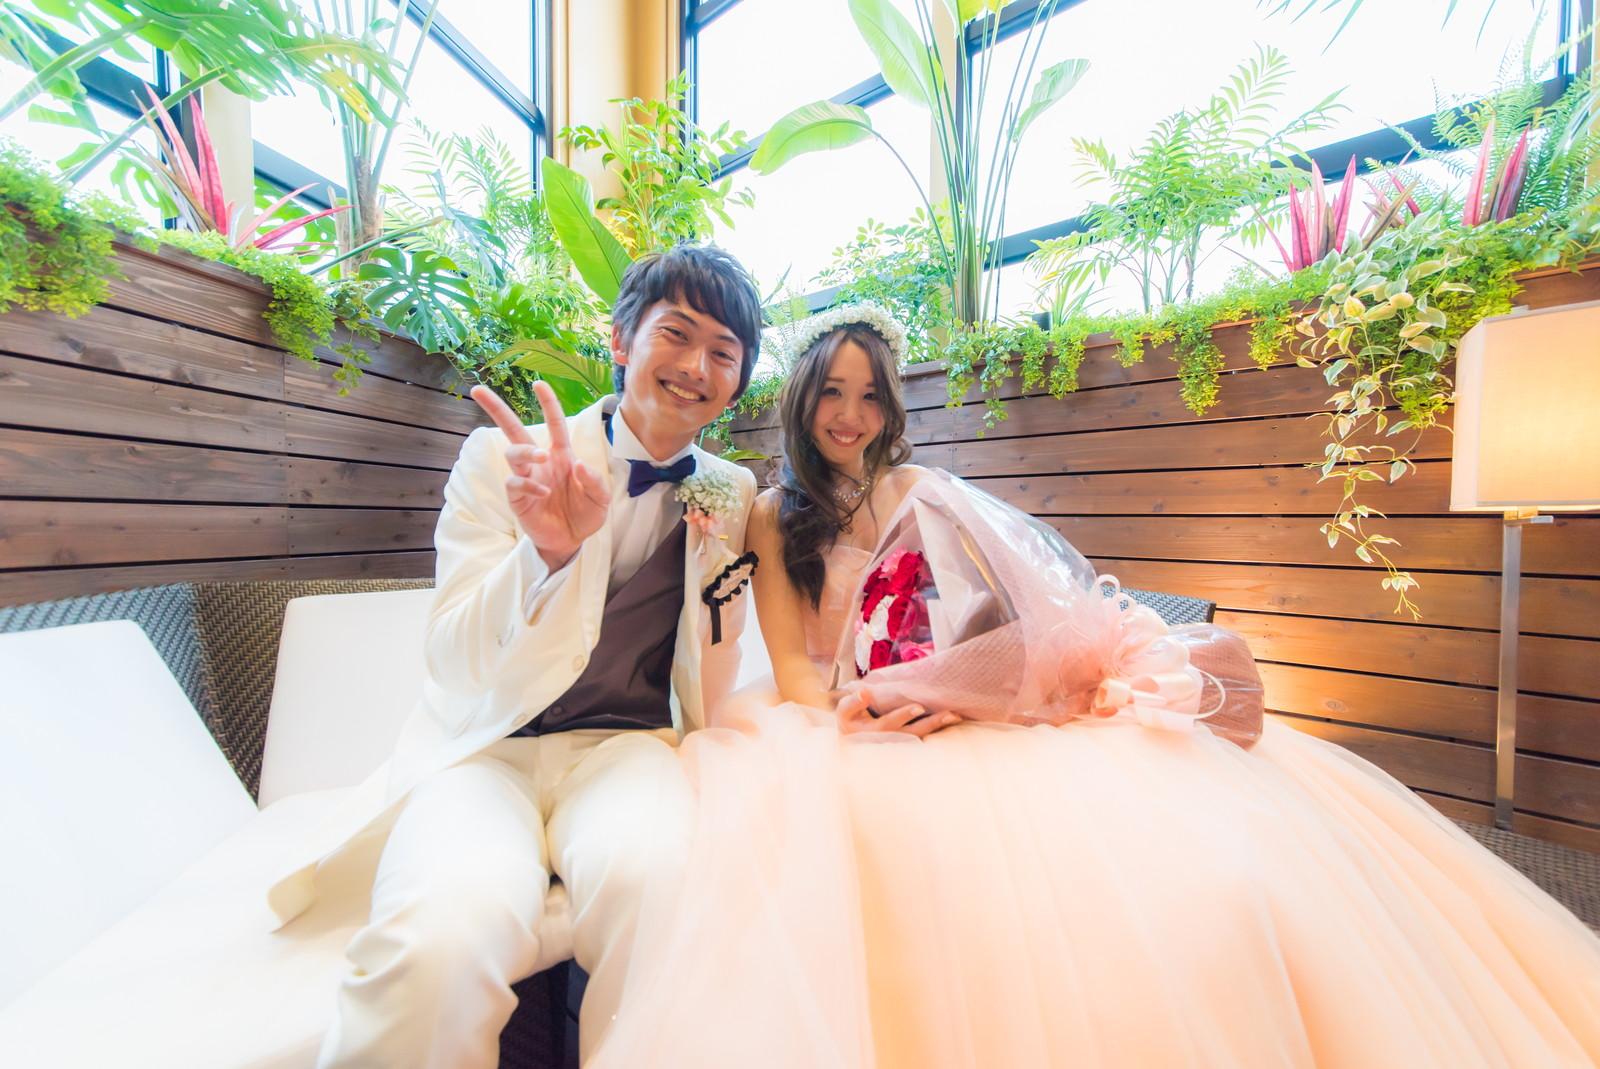 「アルカンシエル luxe mariage」 愛知県名古屋市